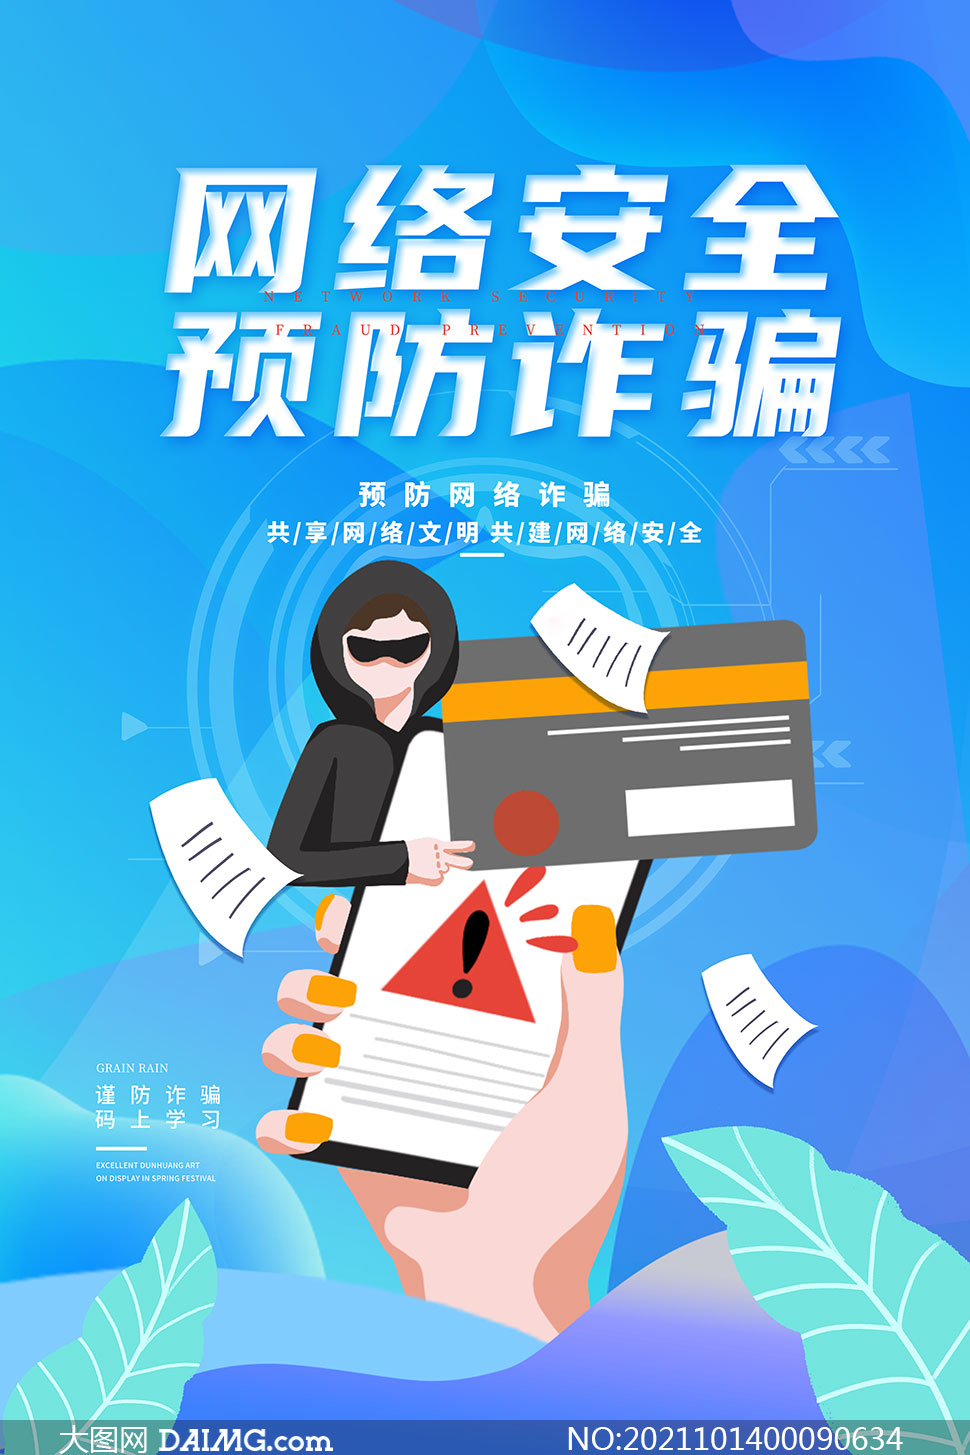 网络安全预防诈骗宣传海报设计PSD素材